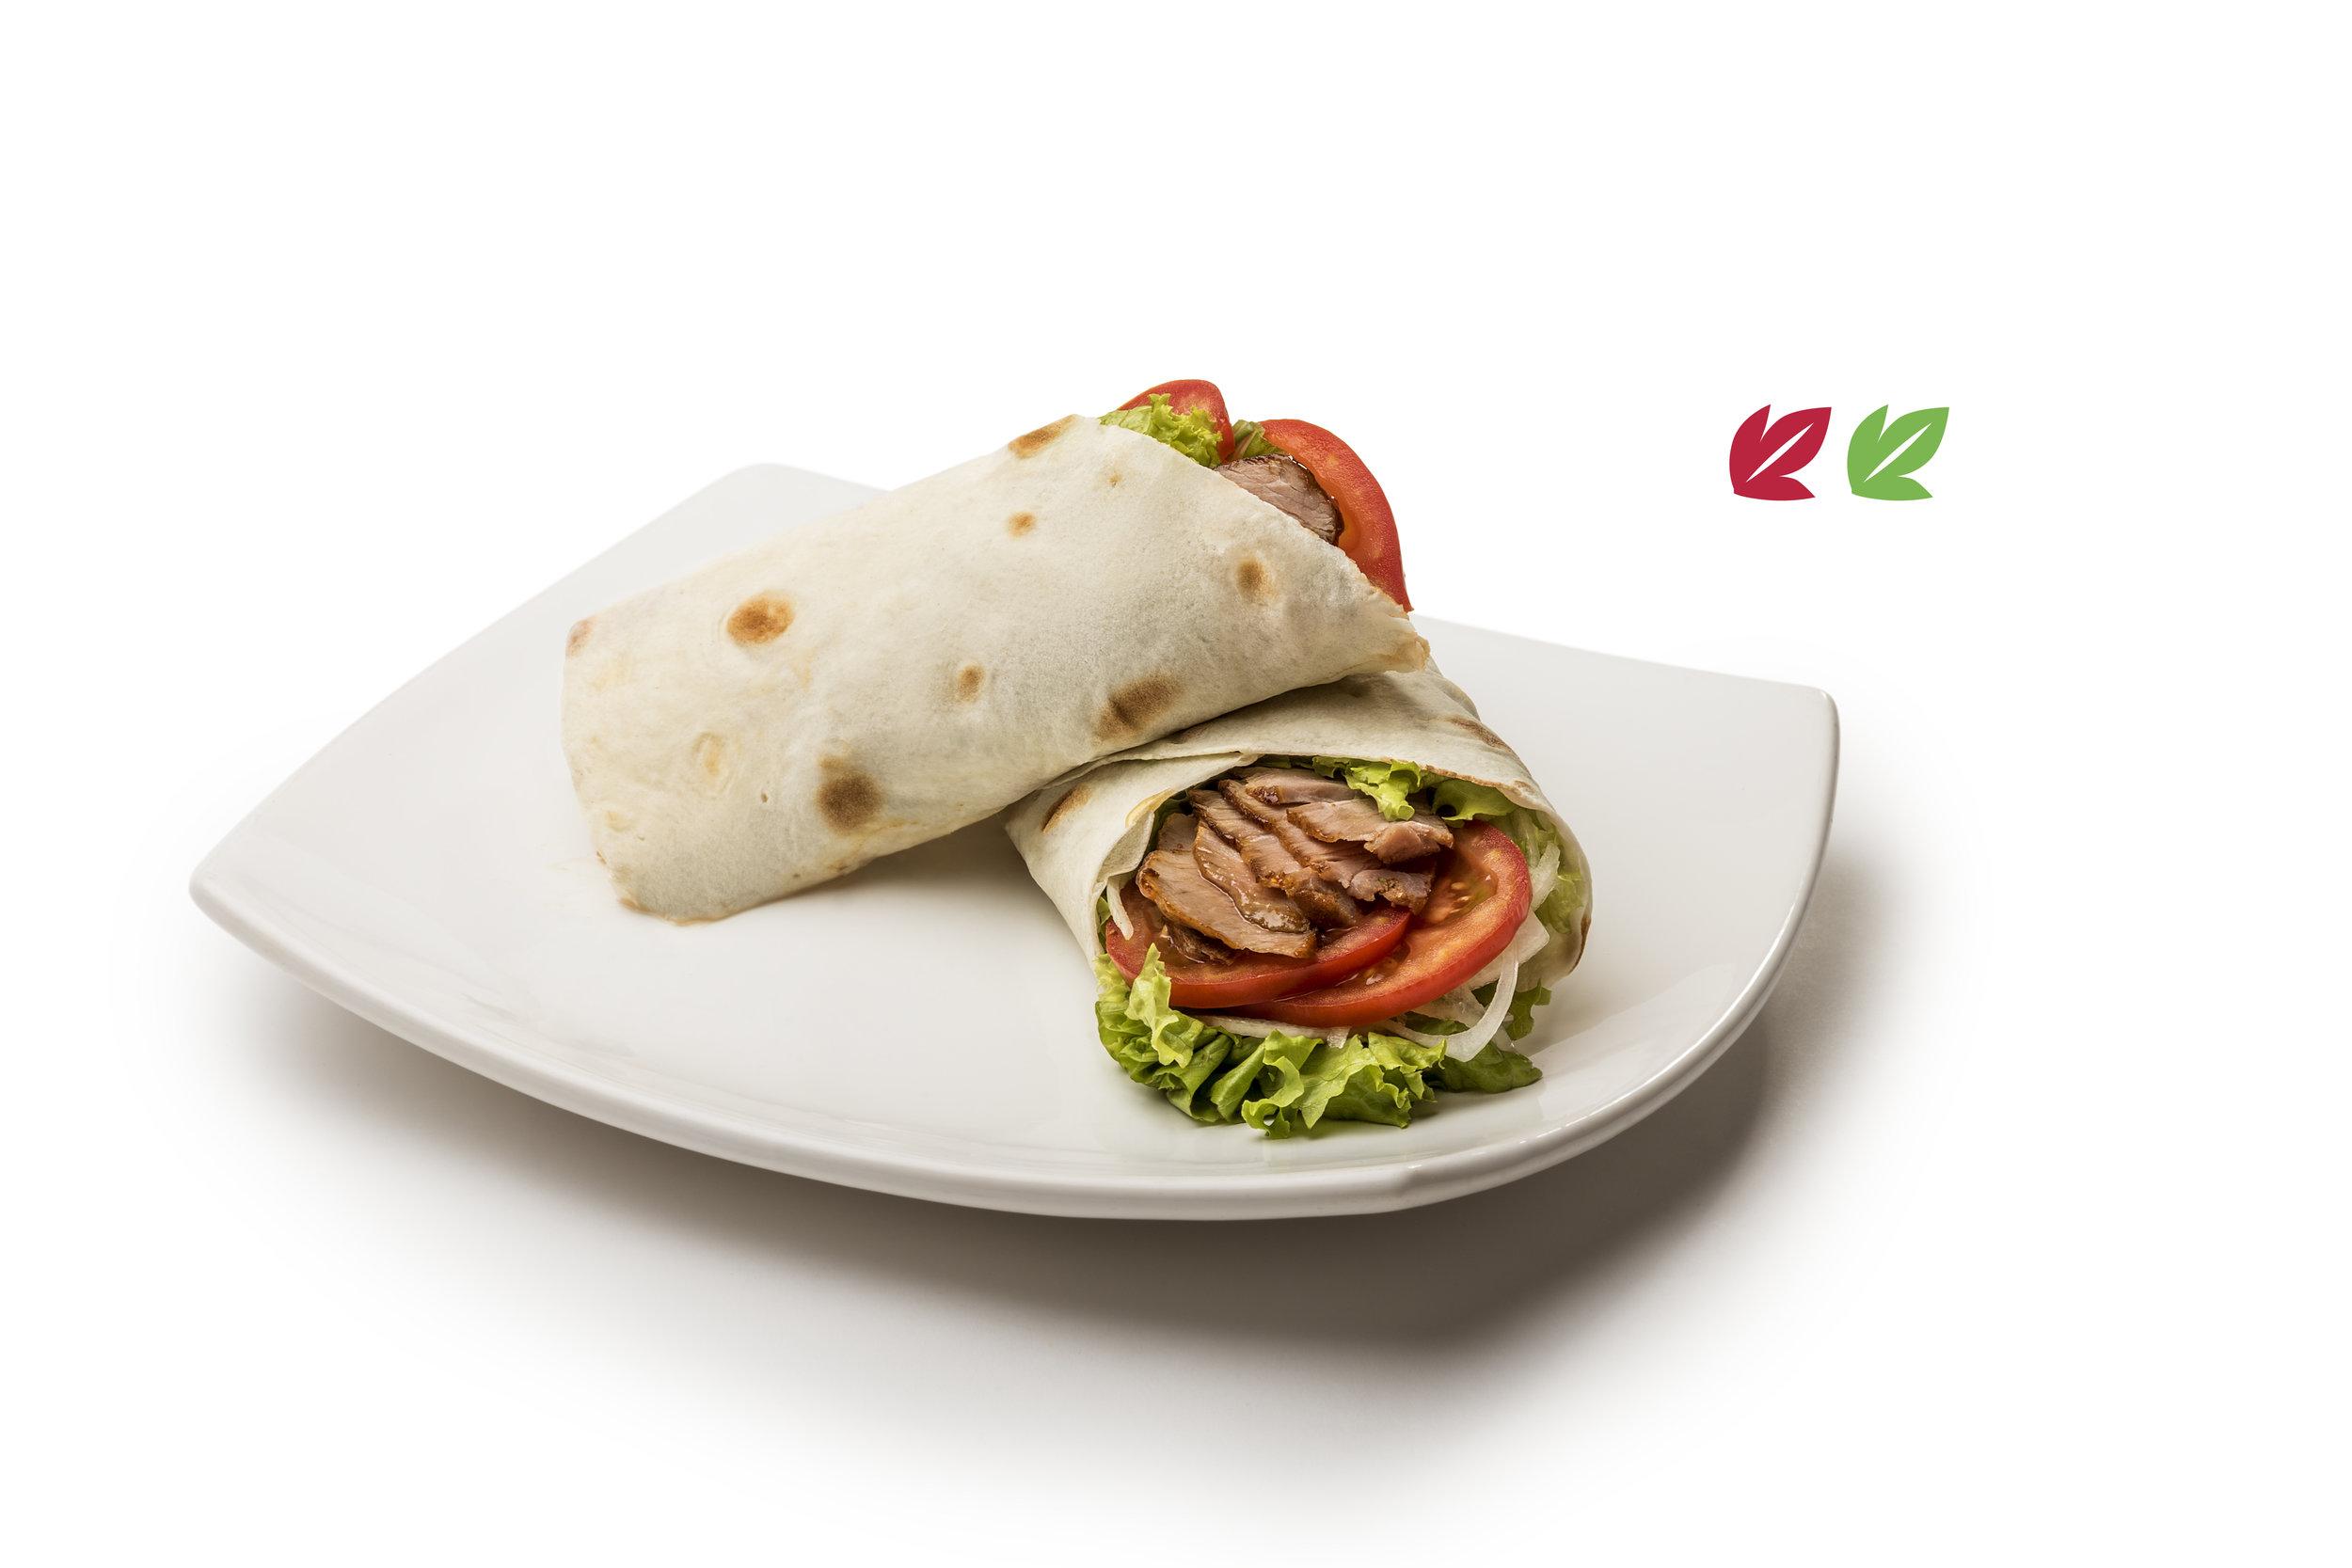 Shish al pan - Pincho de carne, pollo o cerdo en pan Lavash, relleno con lechuga, tomate, cebolla y mayonesa.Opción vegana con Falafel y Homus$340